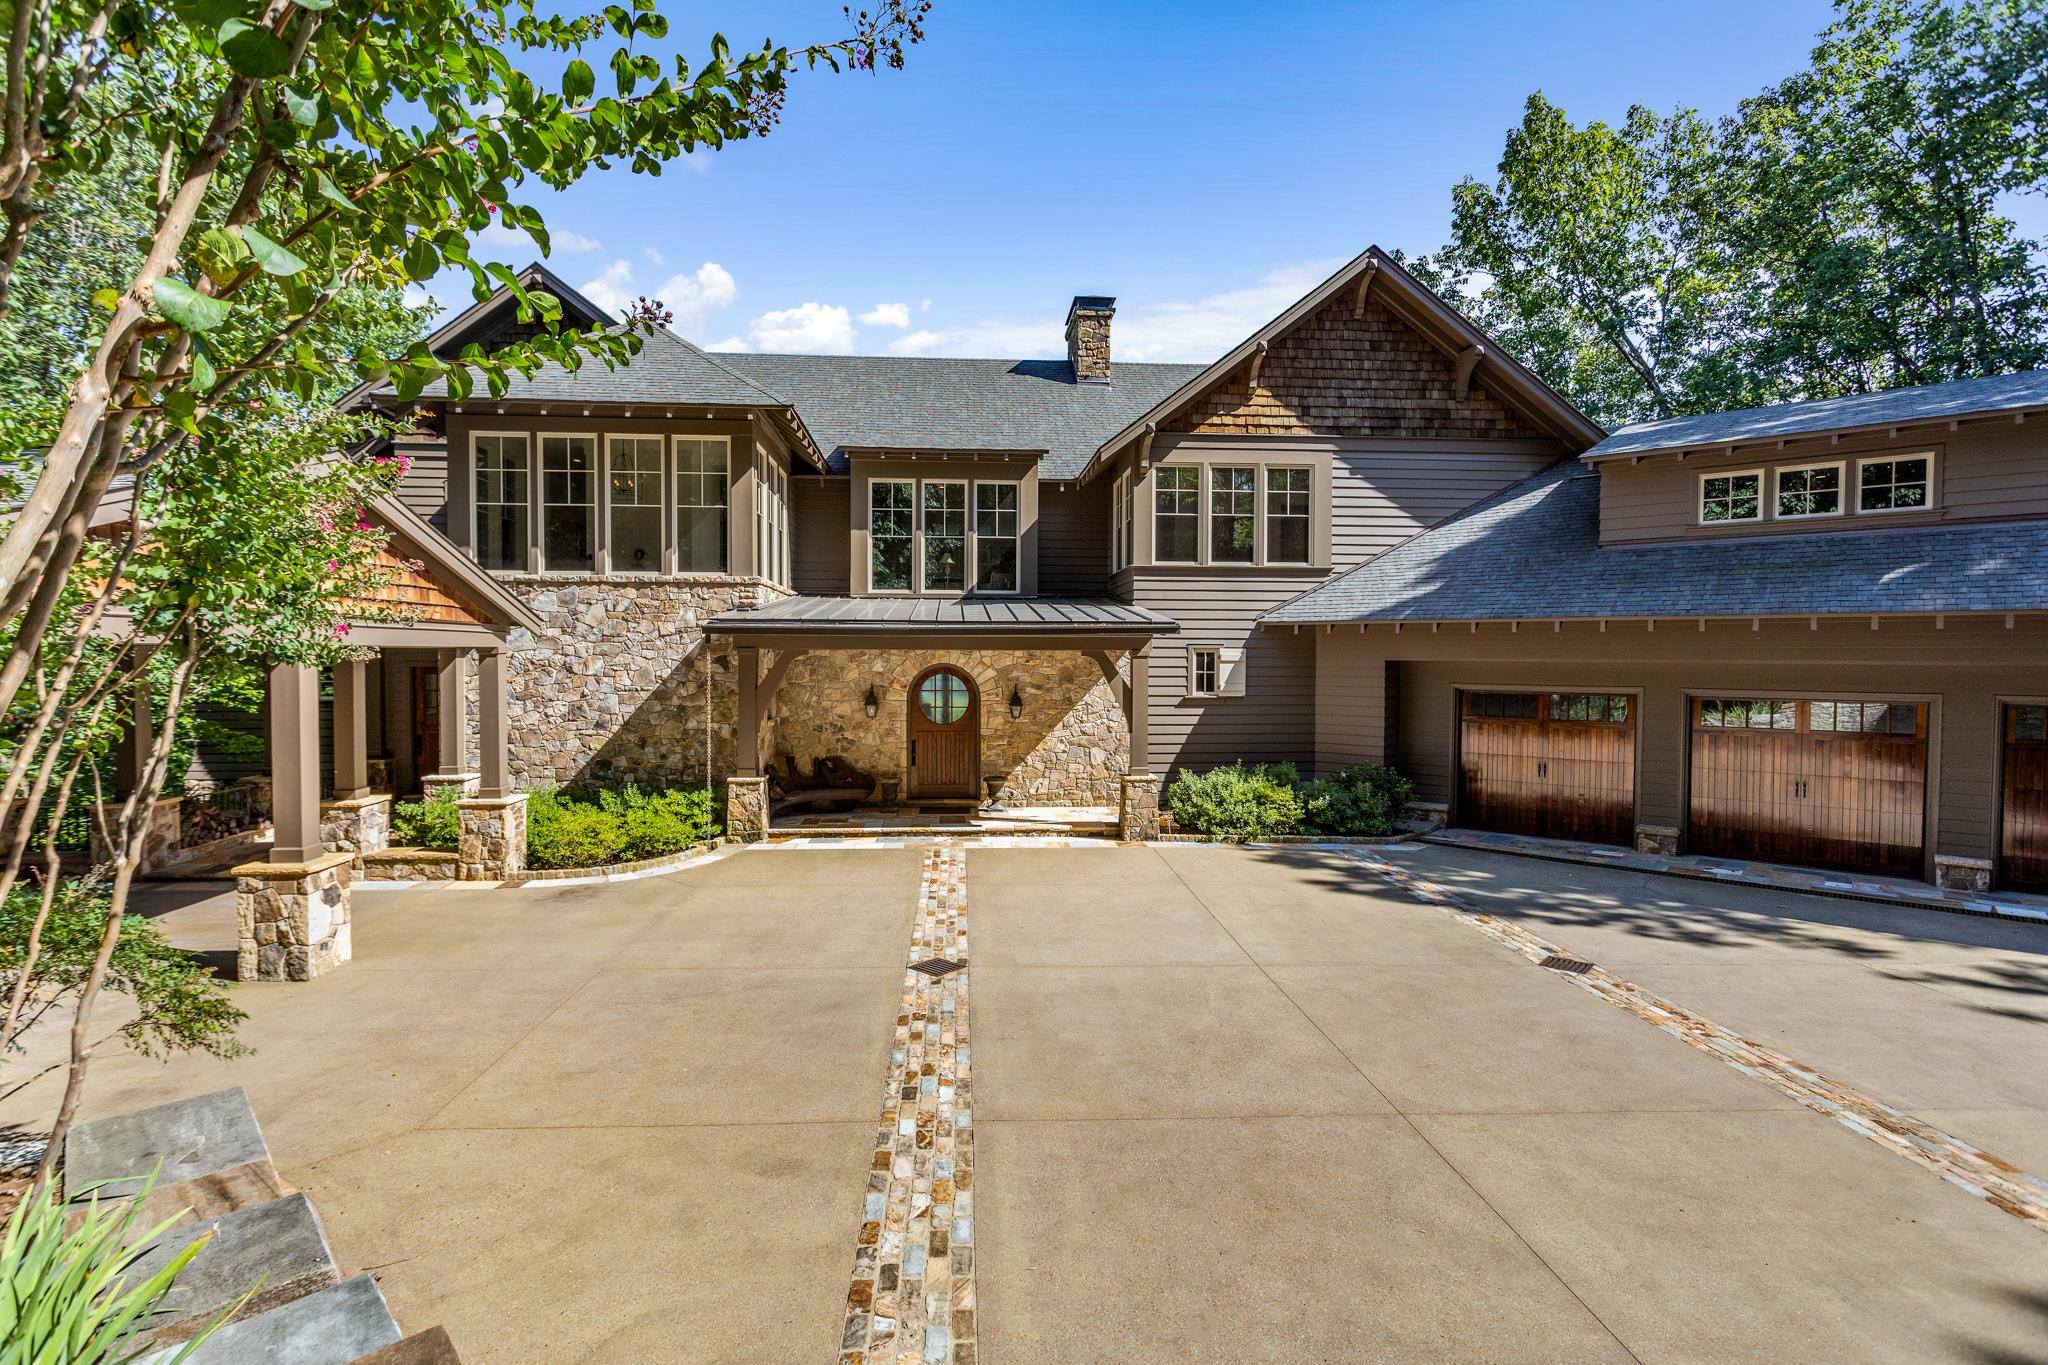 $4,900,000 - 4Br/6Ba -  for Sale in Forest Hills, Nashville